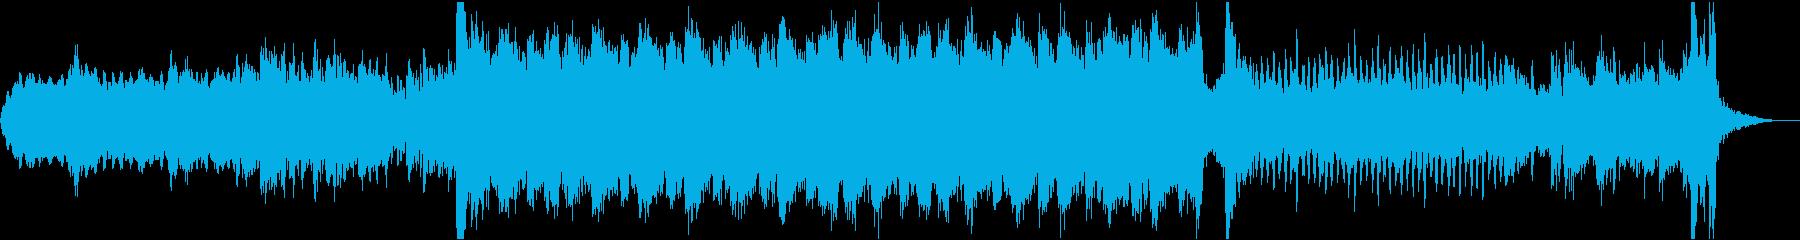 トレーラー風の重厚エピック系オーケストラの再生済みの波形